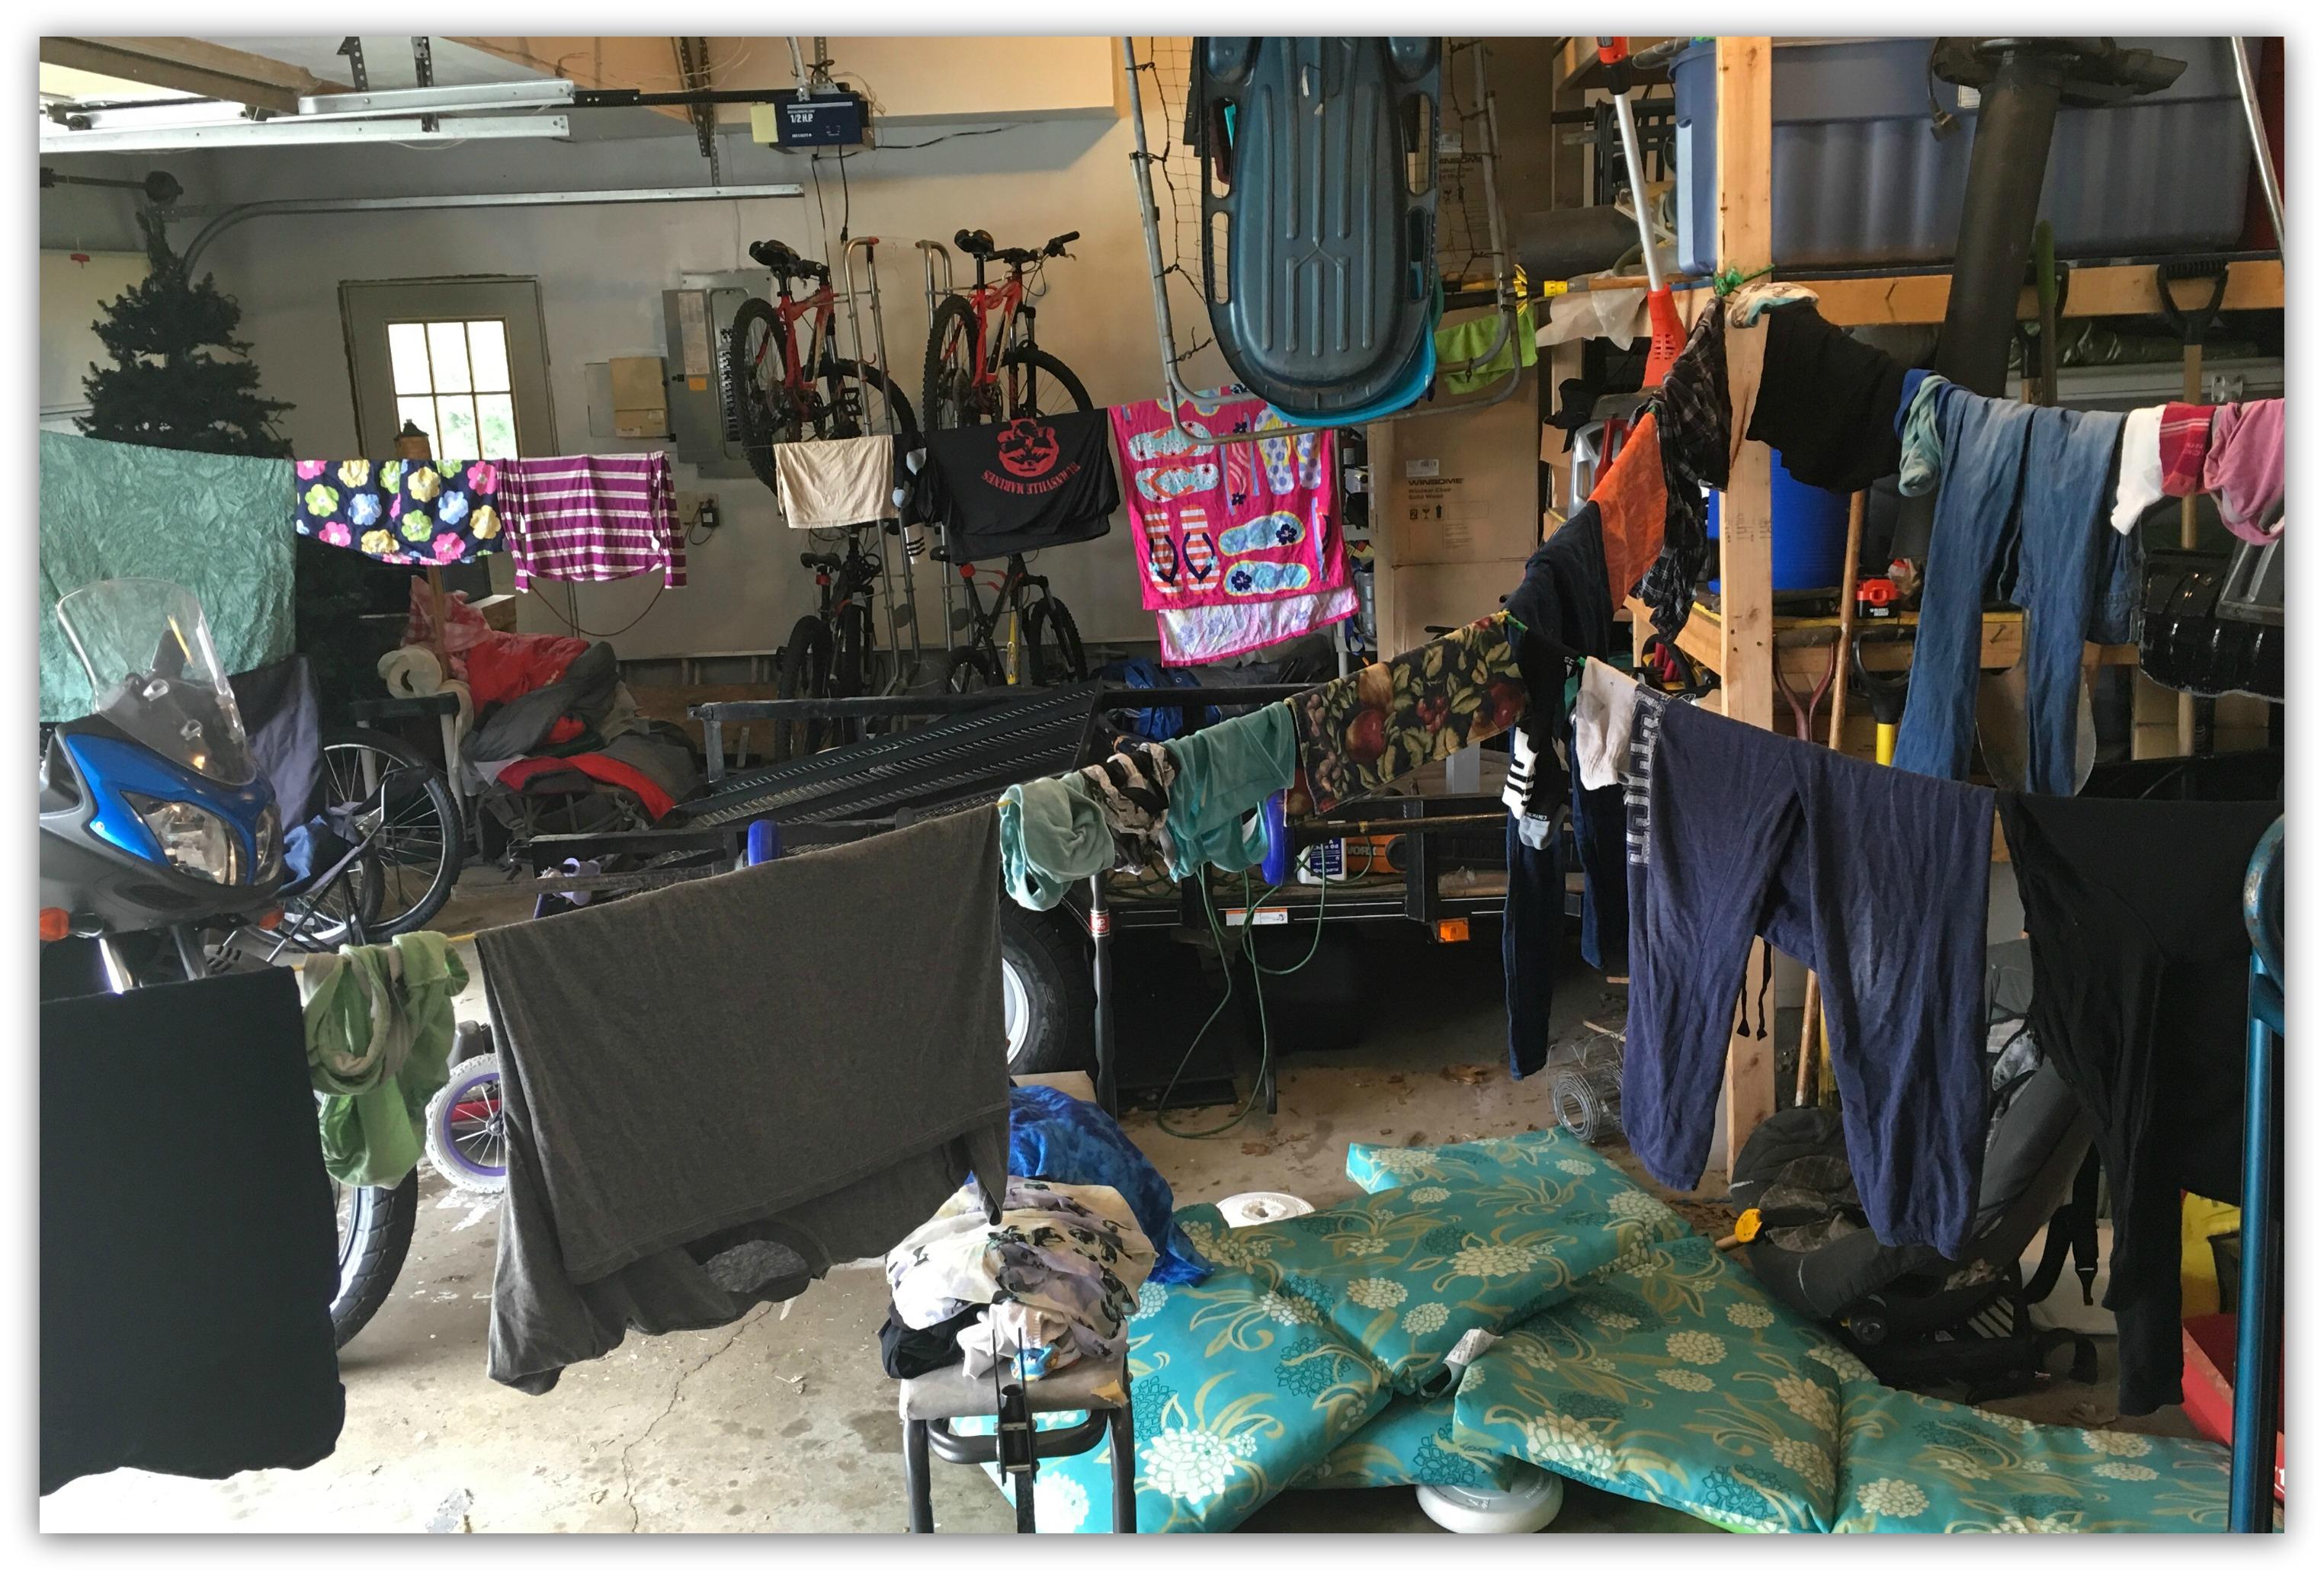 Garage Laundry